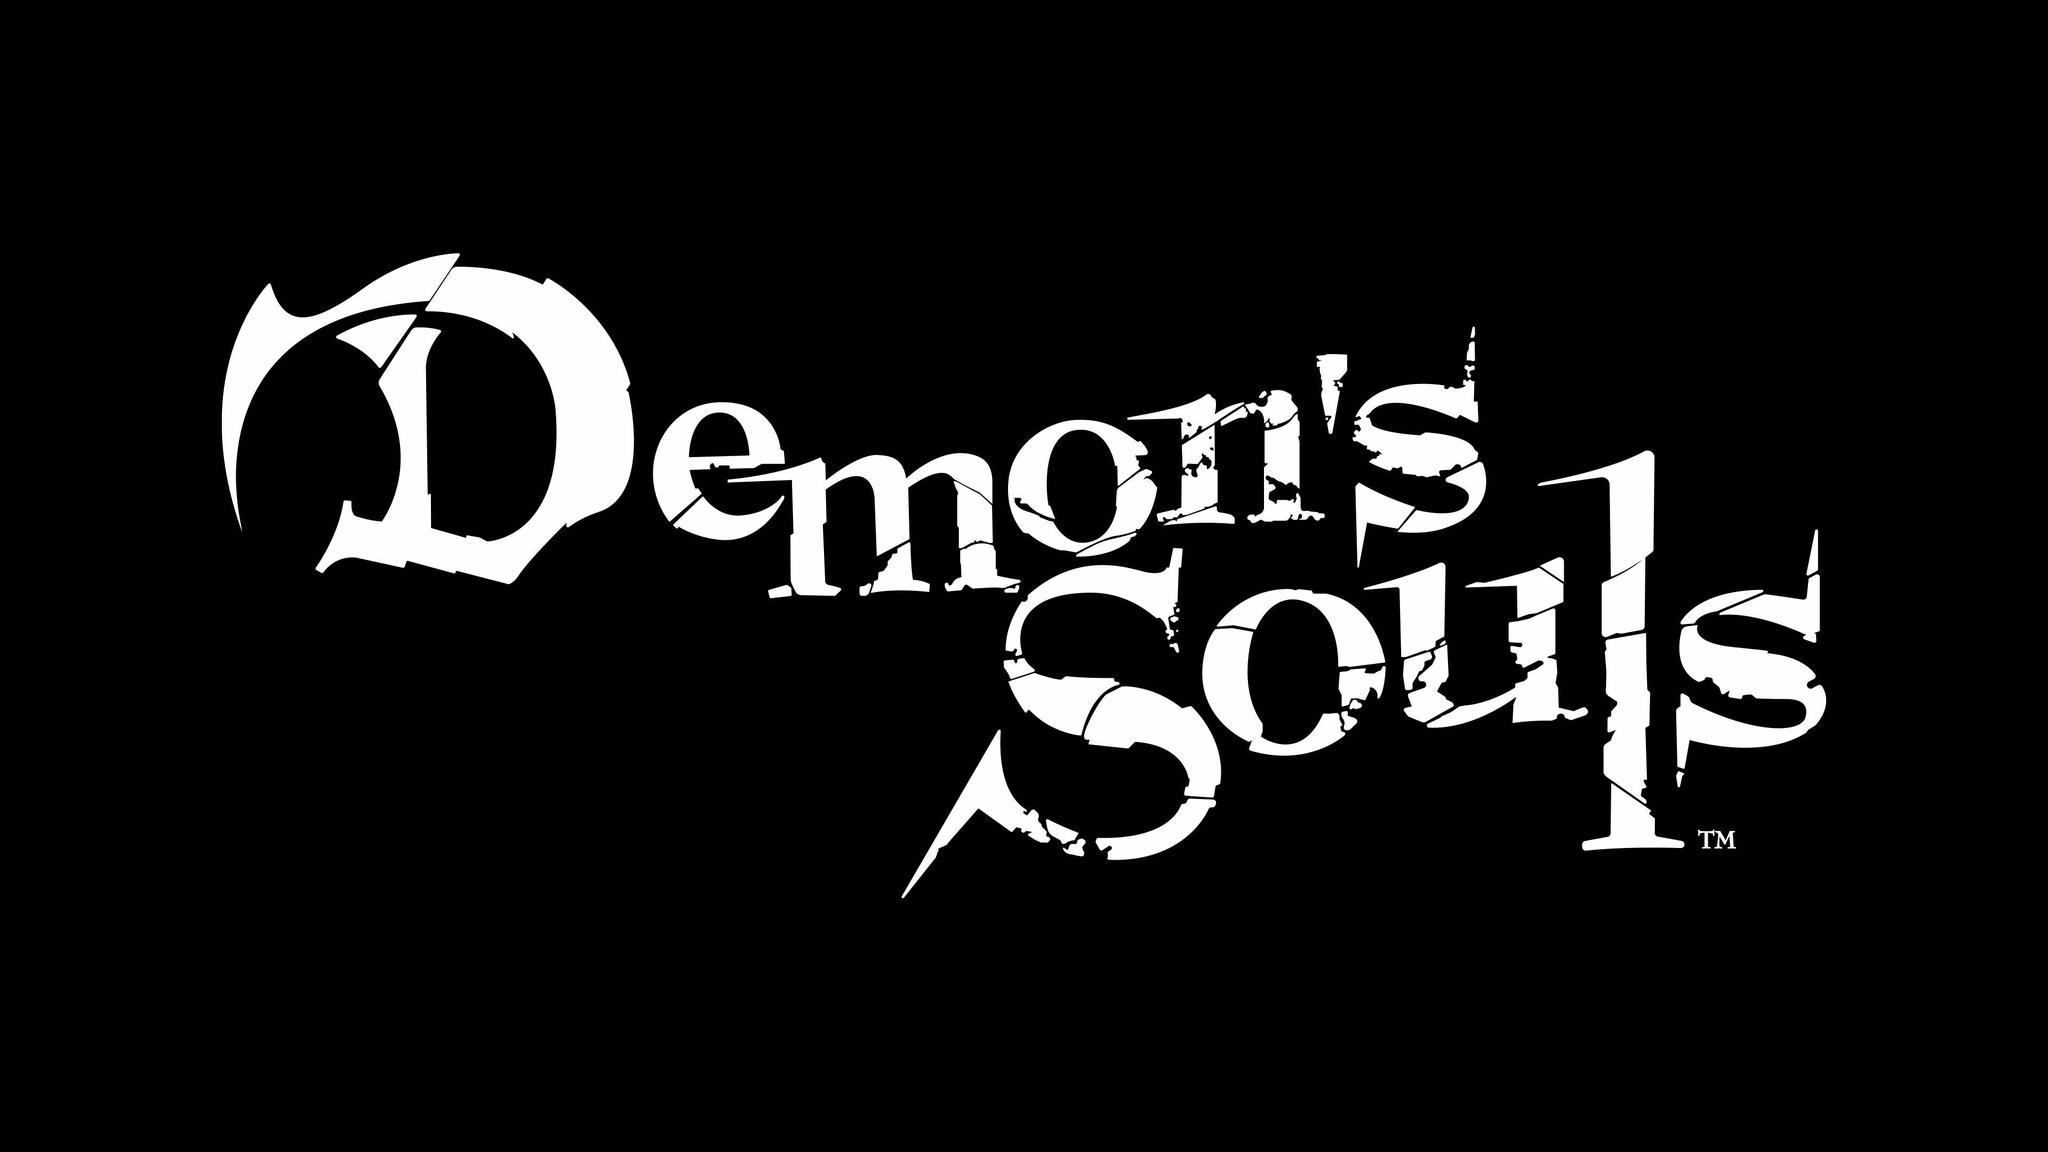 DeadSoul logo image